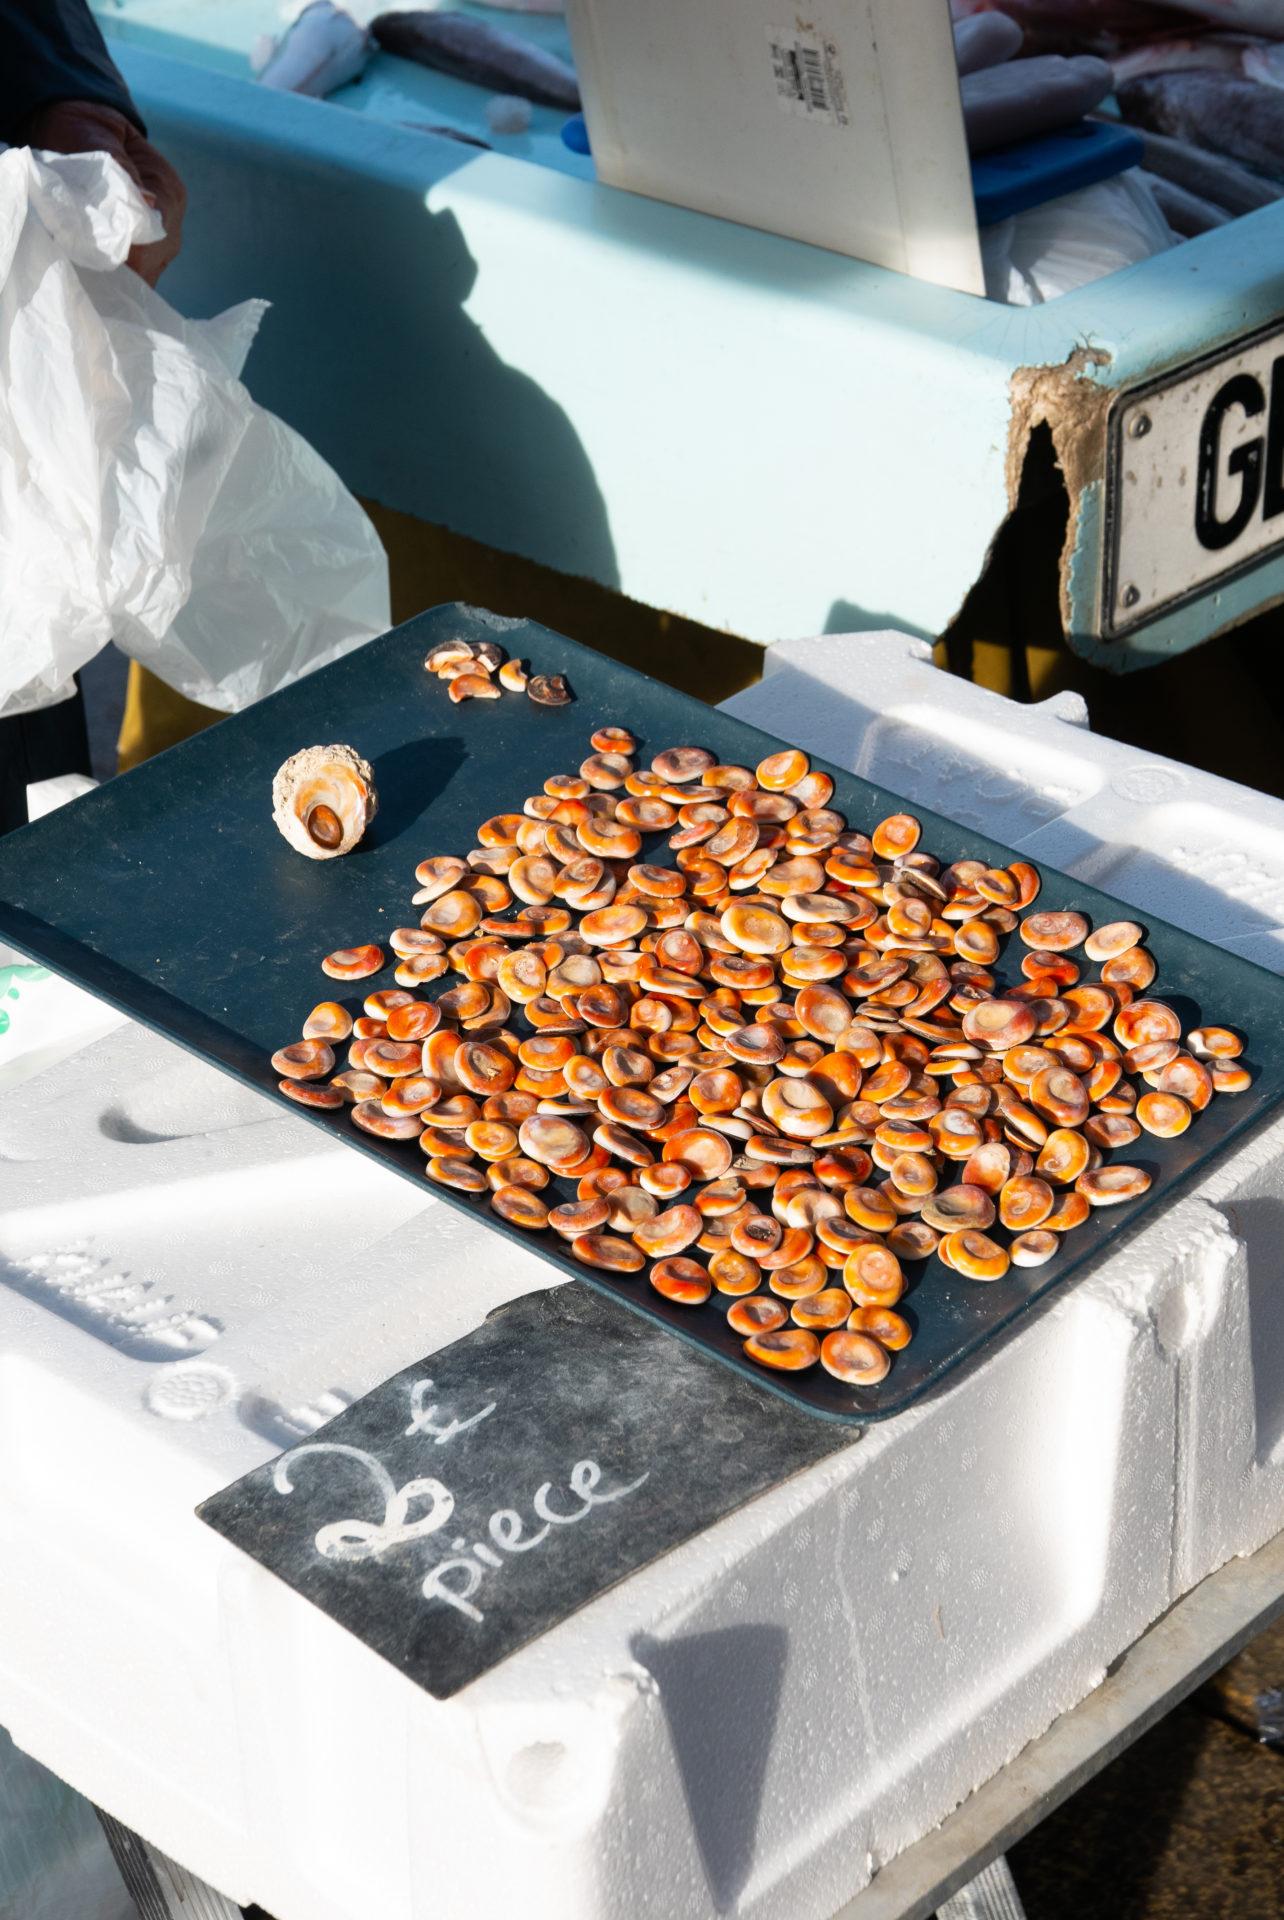 Plat de fruits de mer en vente sur le marché